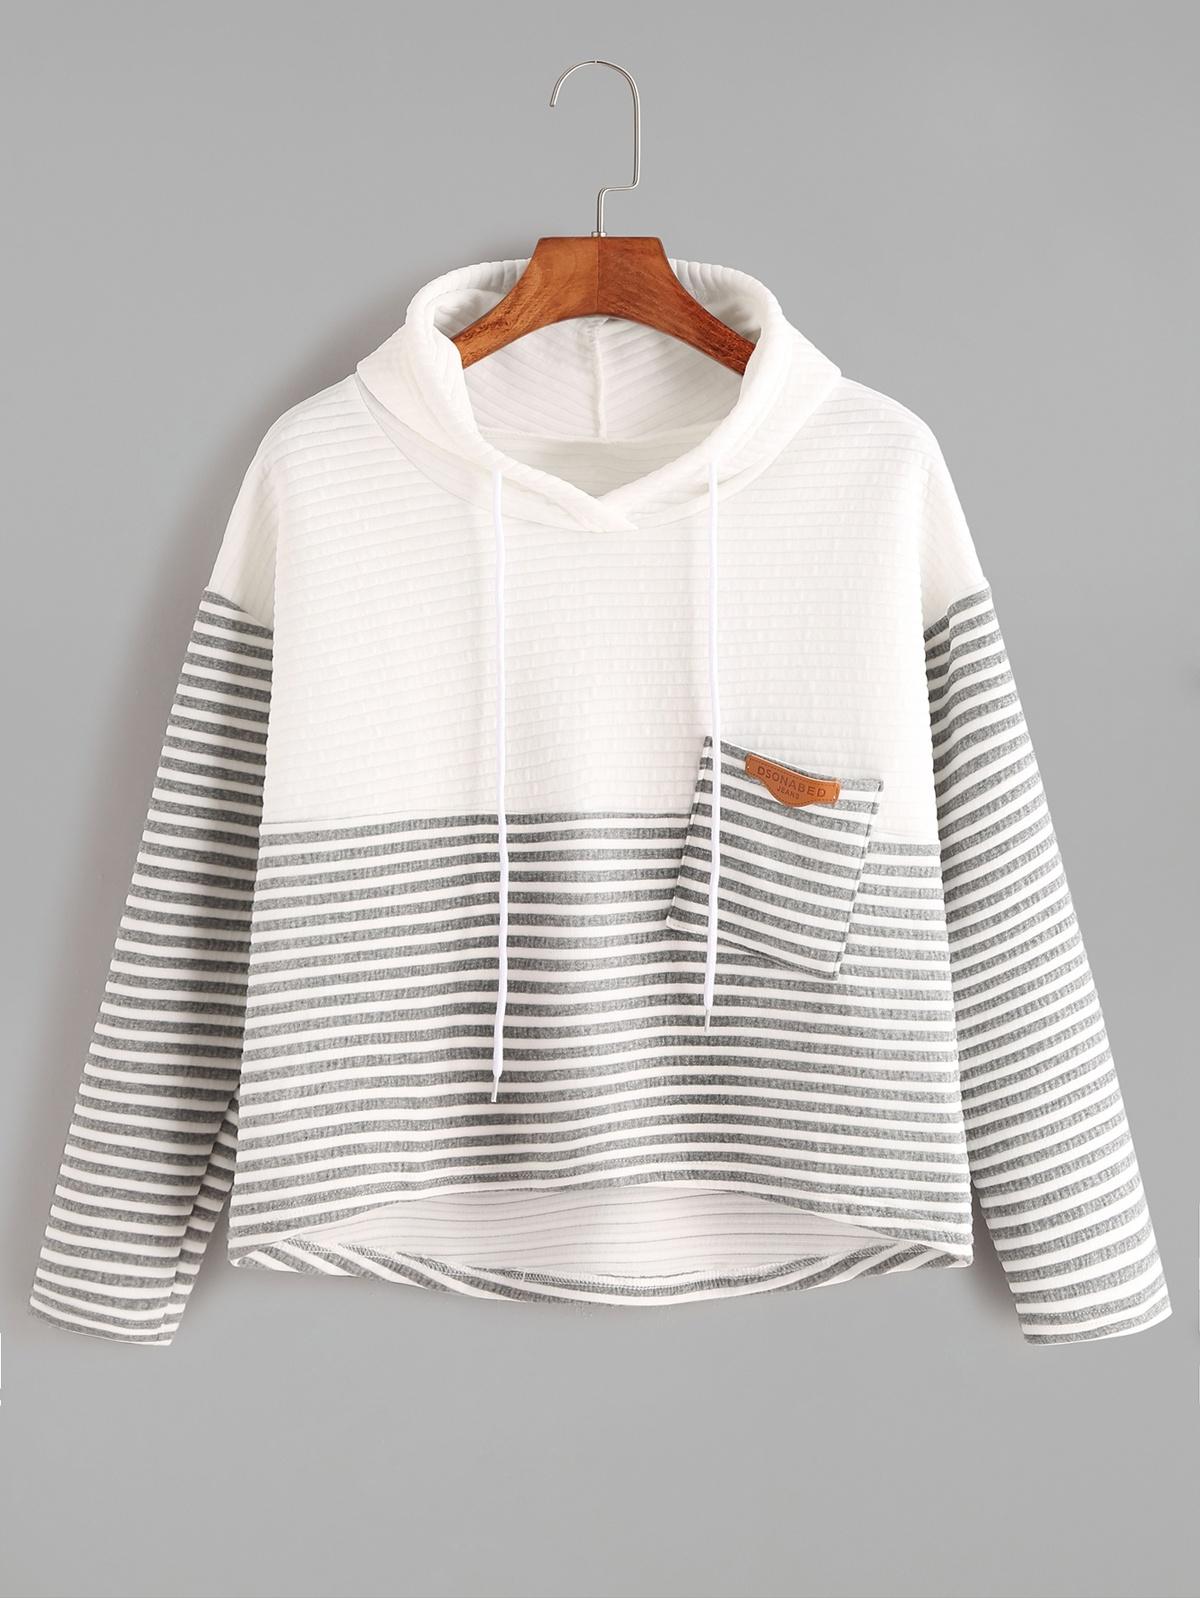 對比色 條紋的 高低 束帶 連帽 口袋 T恤衫